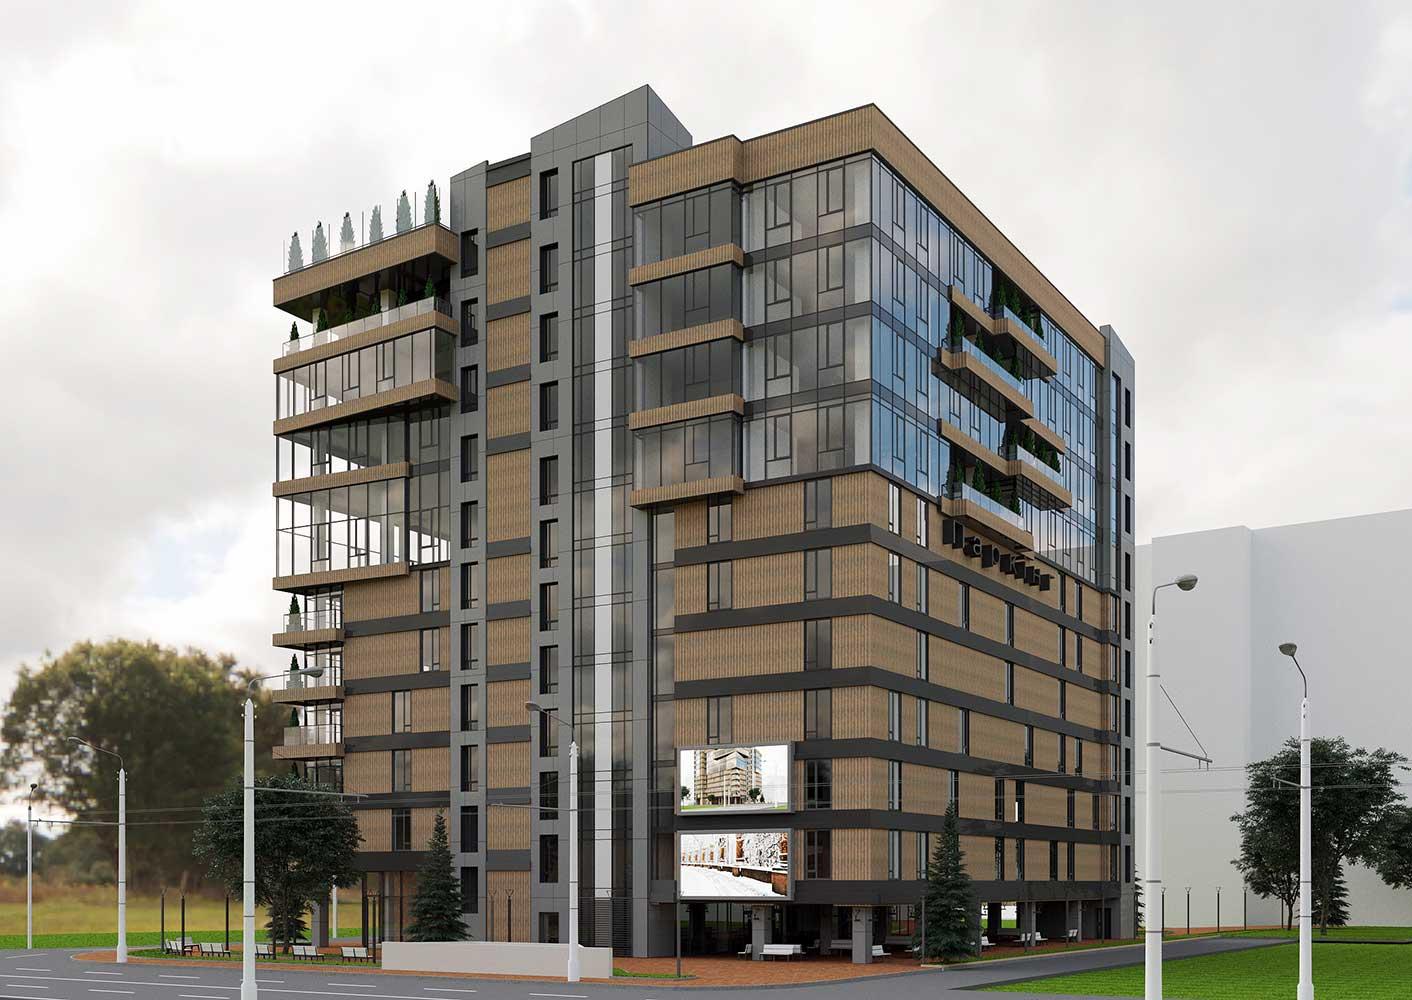 Многоэтажный торгово-бытовой комплекс с помещениями общественного назначения и паркинга (фото 4)